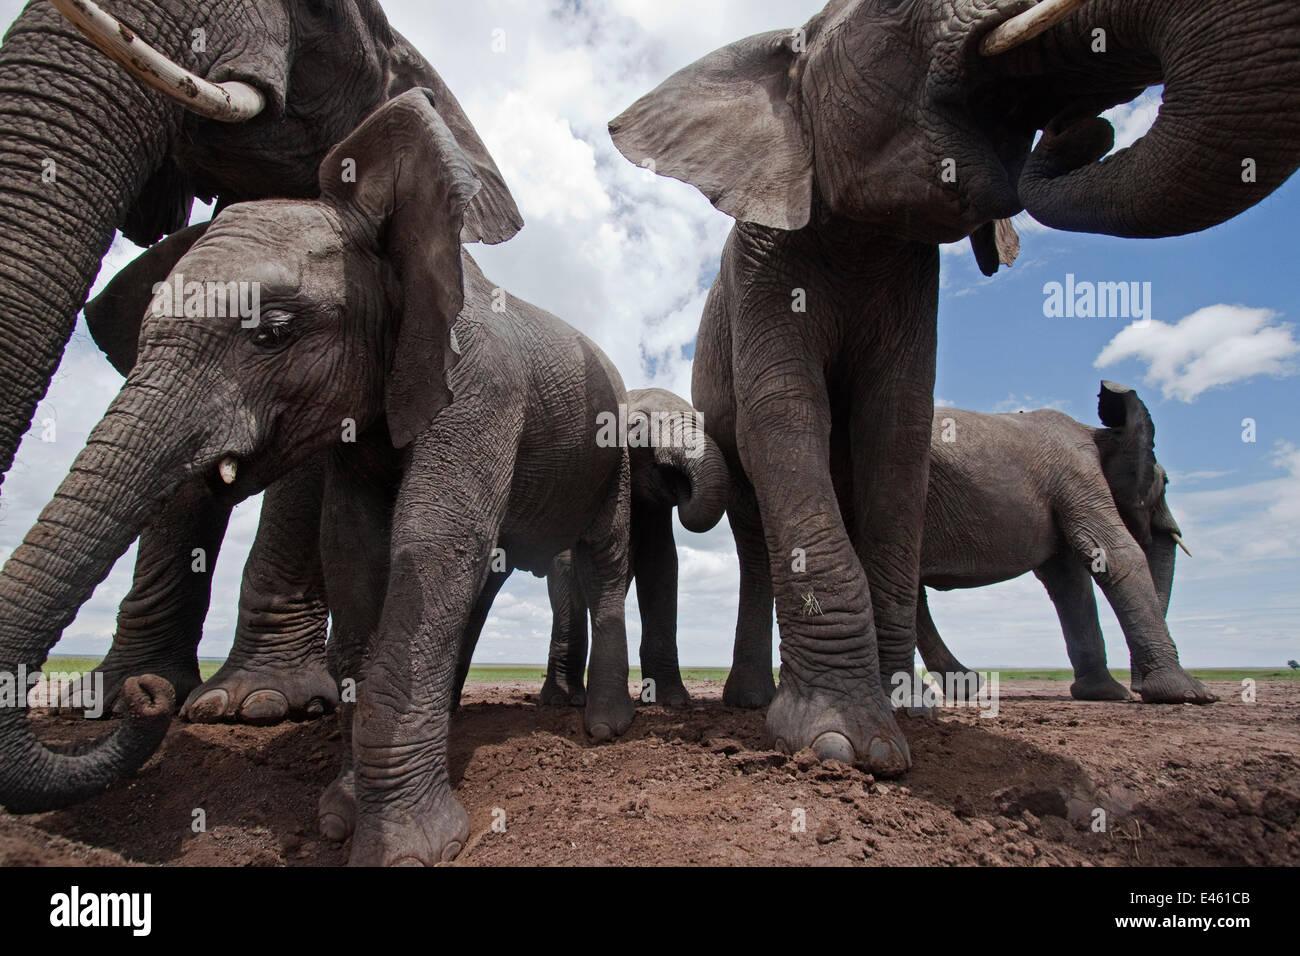 Elefante africano (Loxodonta africana) grupo bebiendo de waterhole - Amplio ángulo de perspectiva. Reserva Imagen De Stock